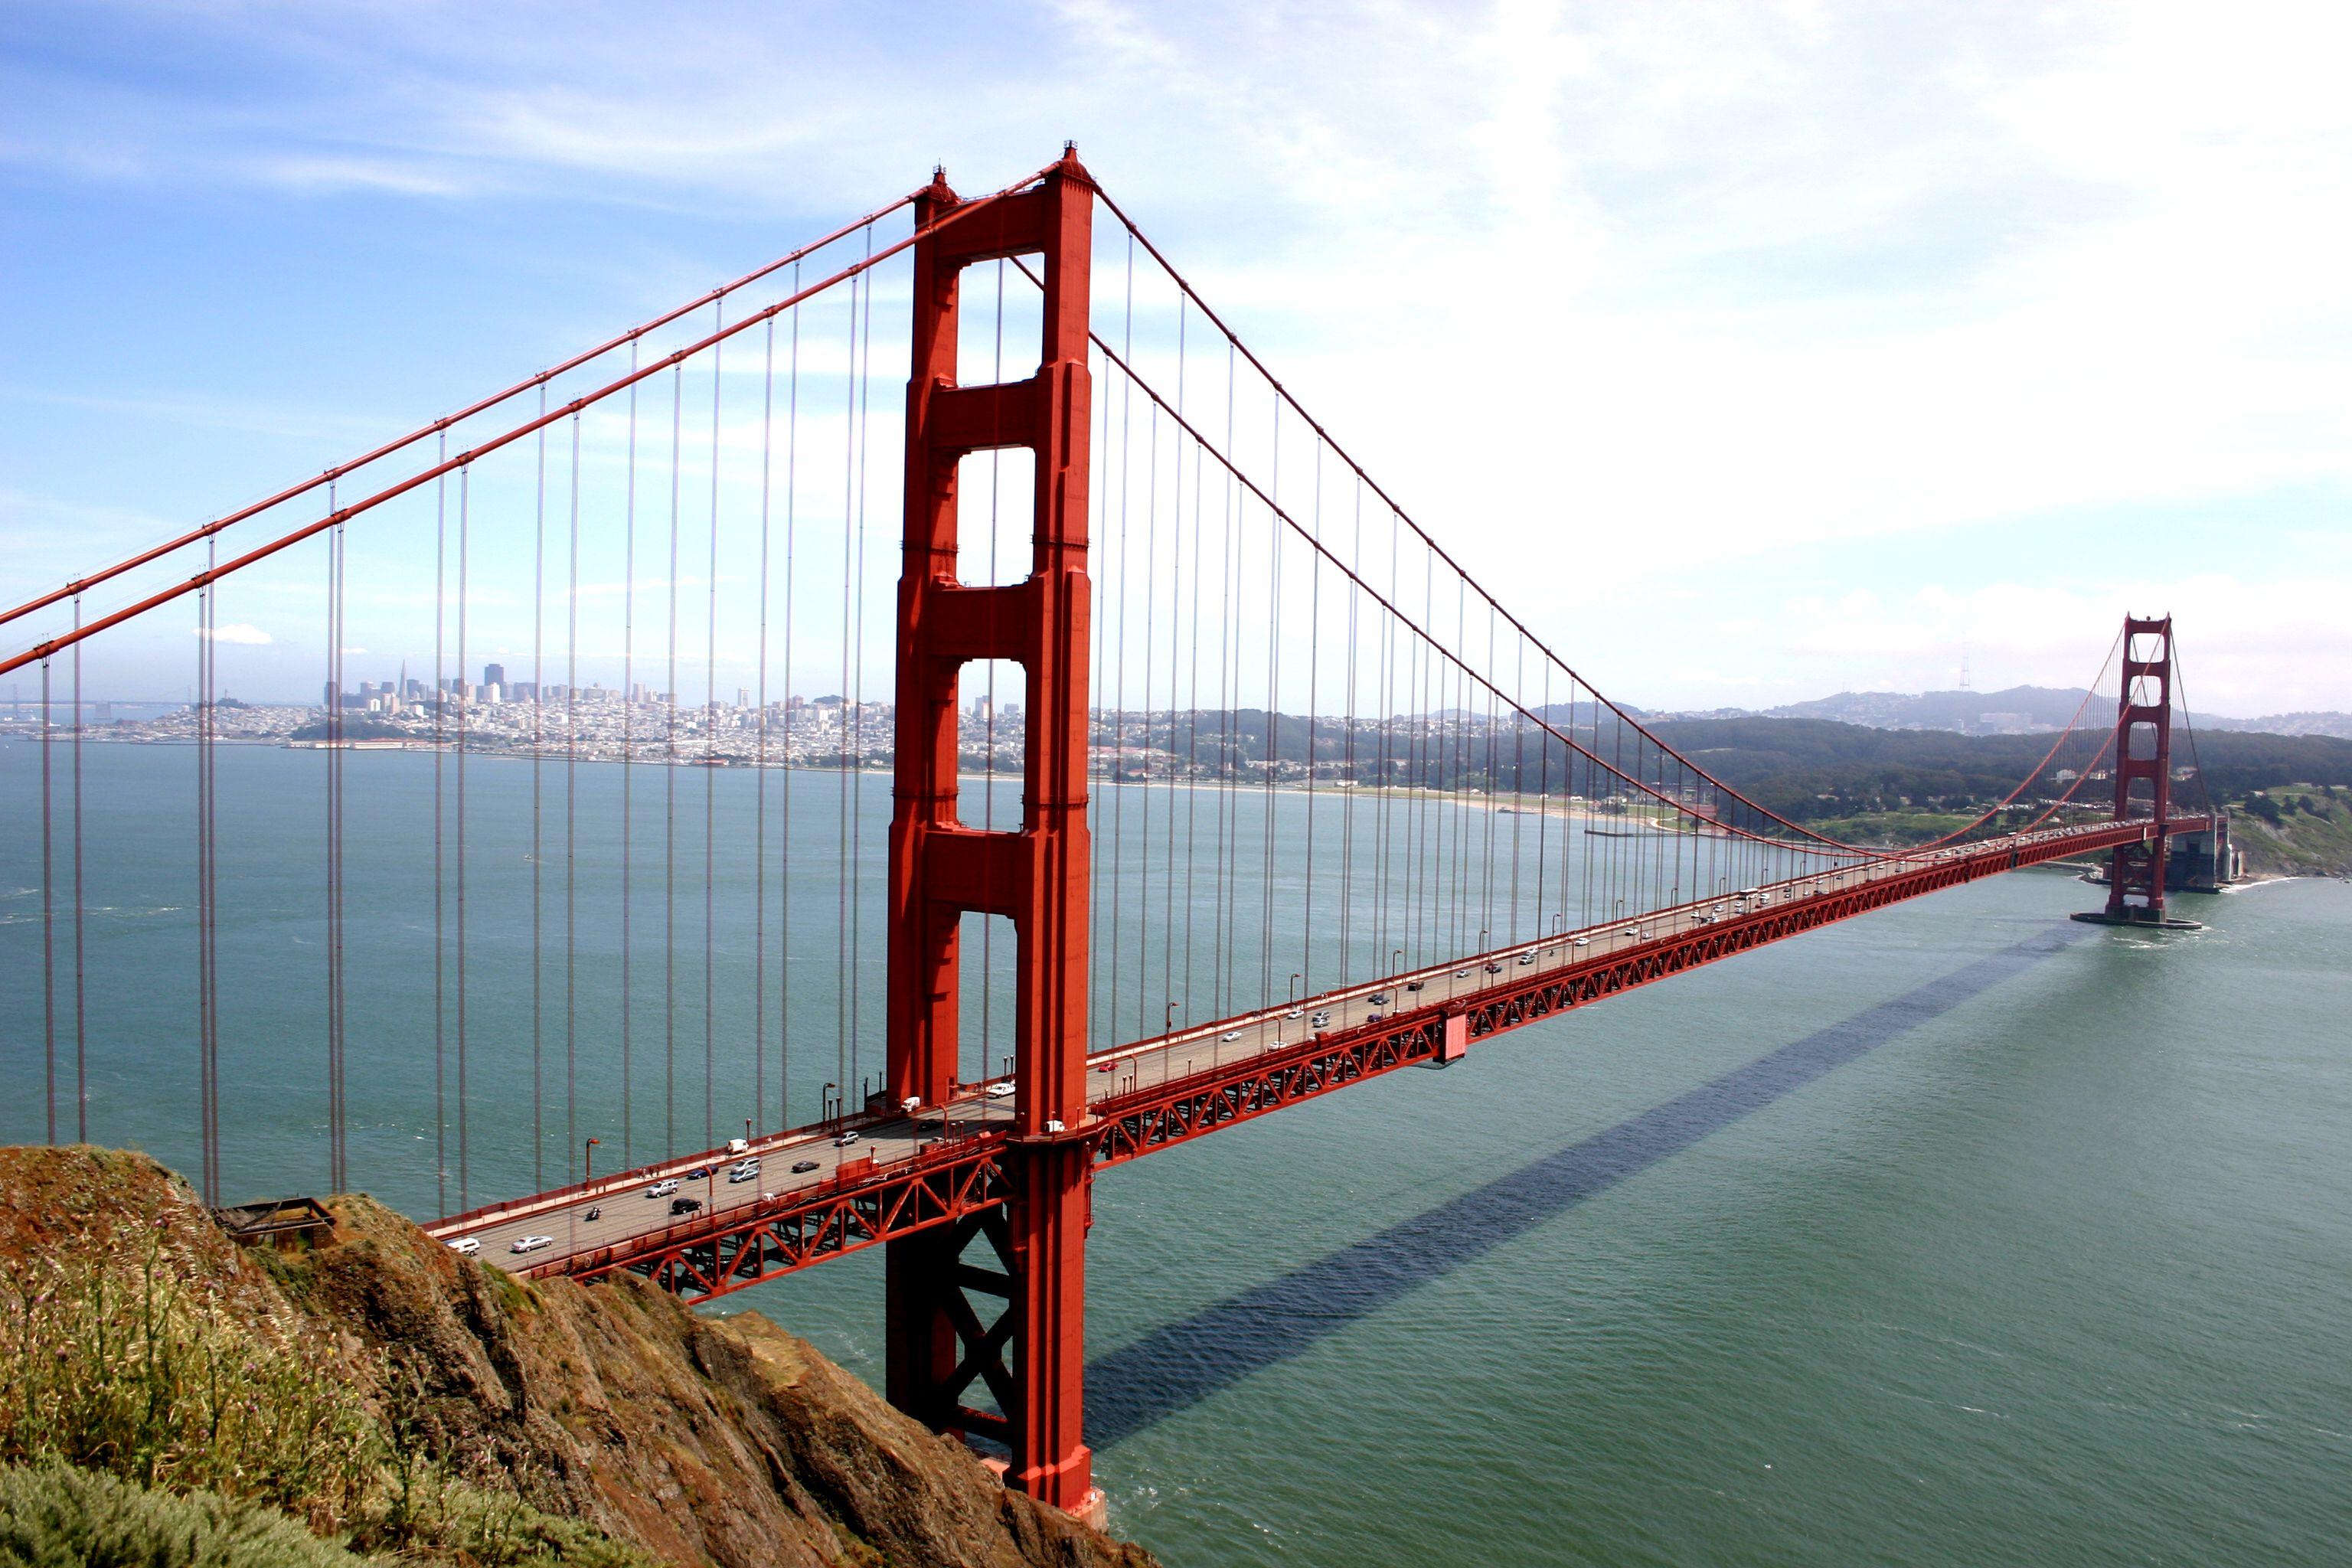 Pin by r neimeyer on amerika golden gate bridge golden